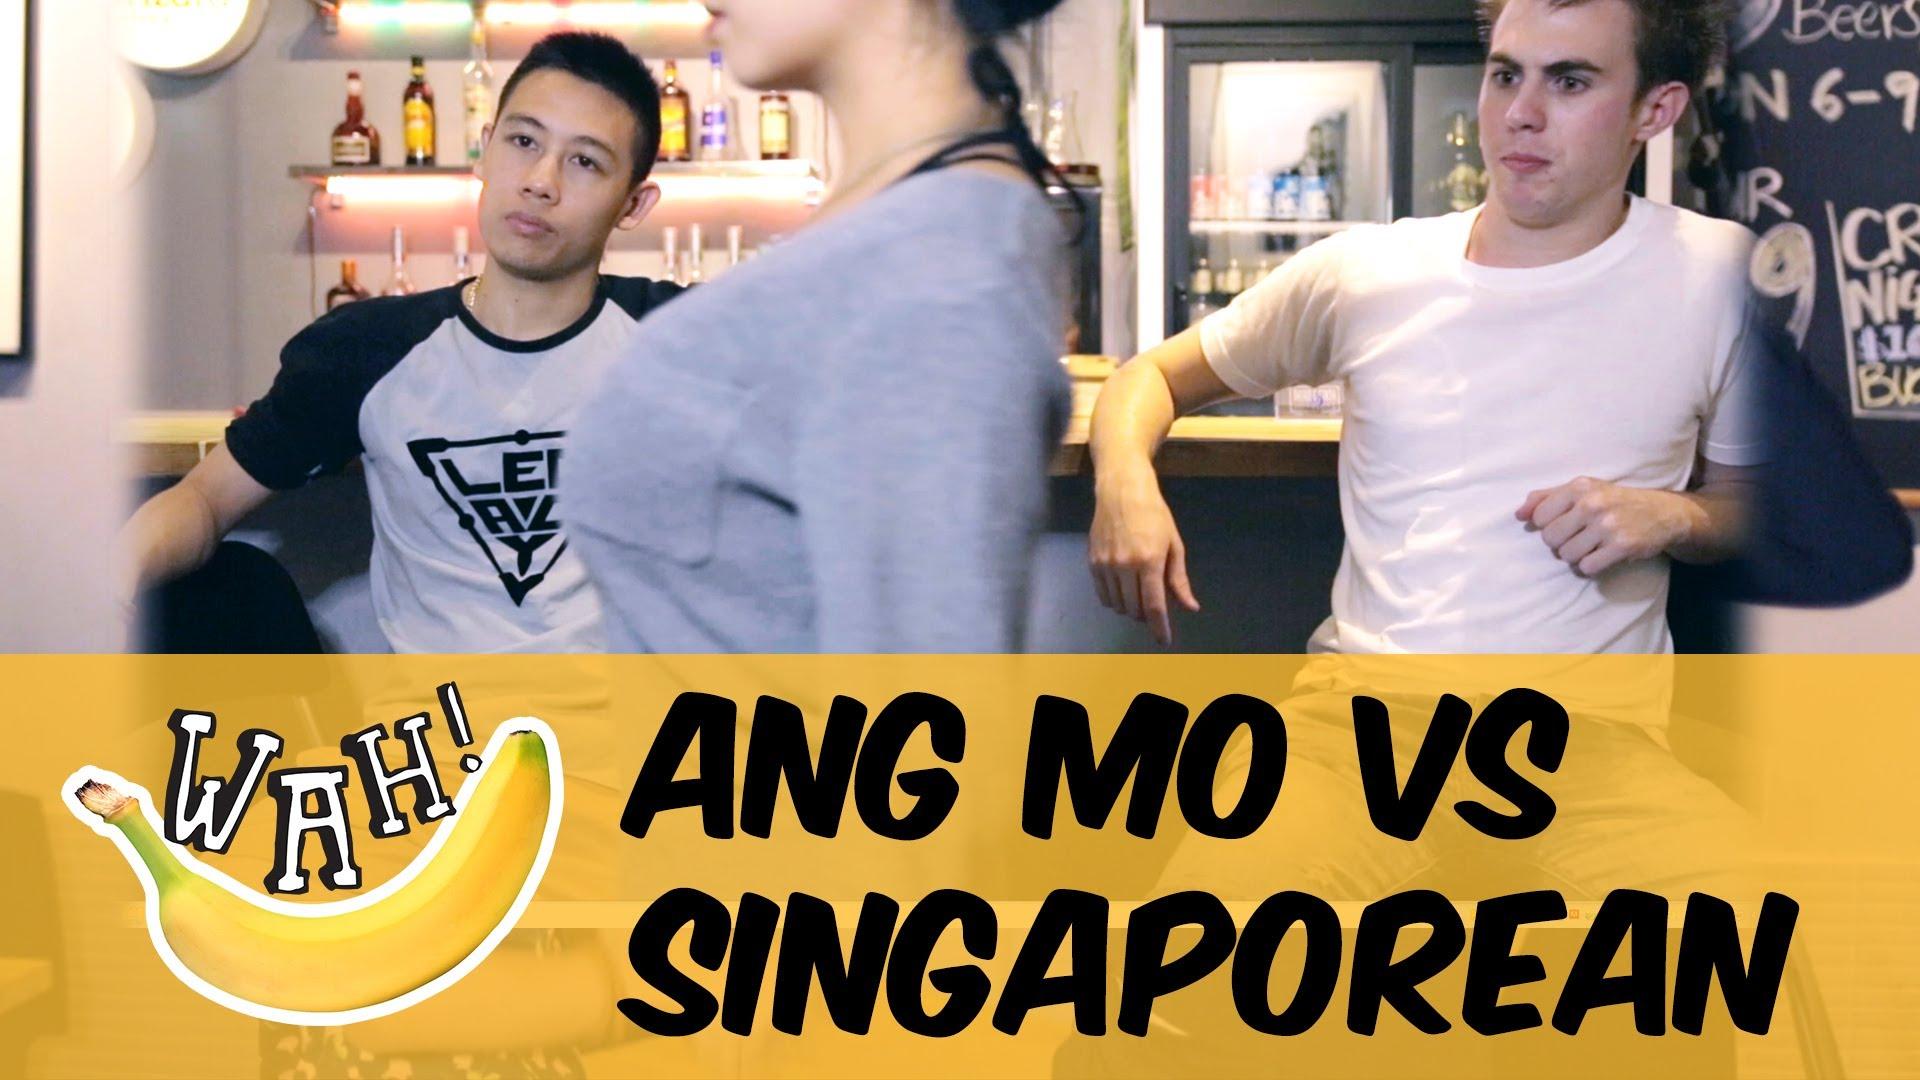 シンガポール人と白人の違い